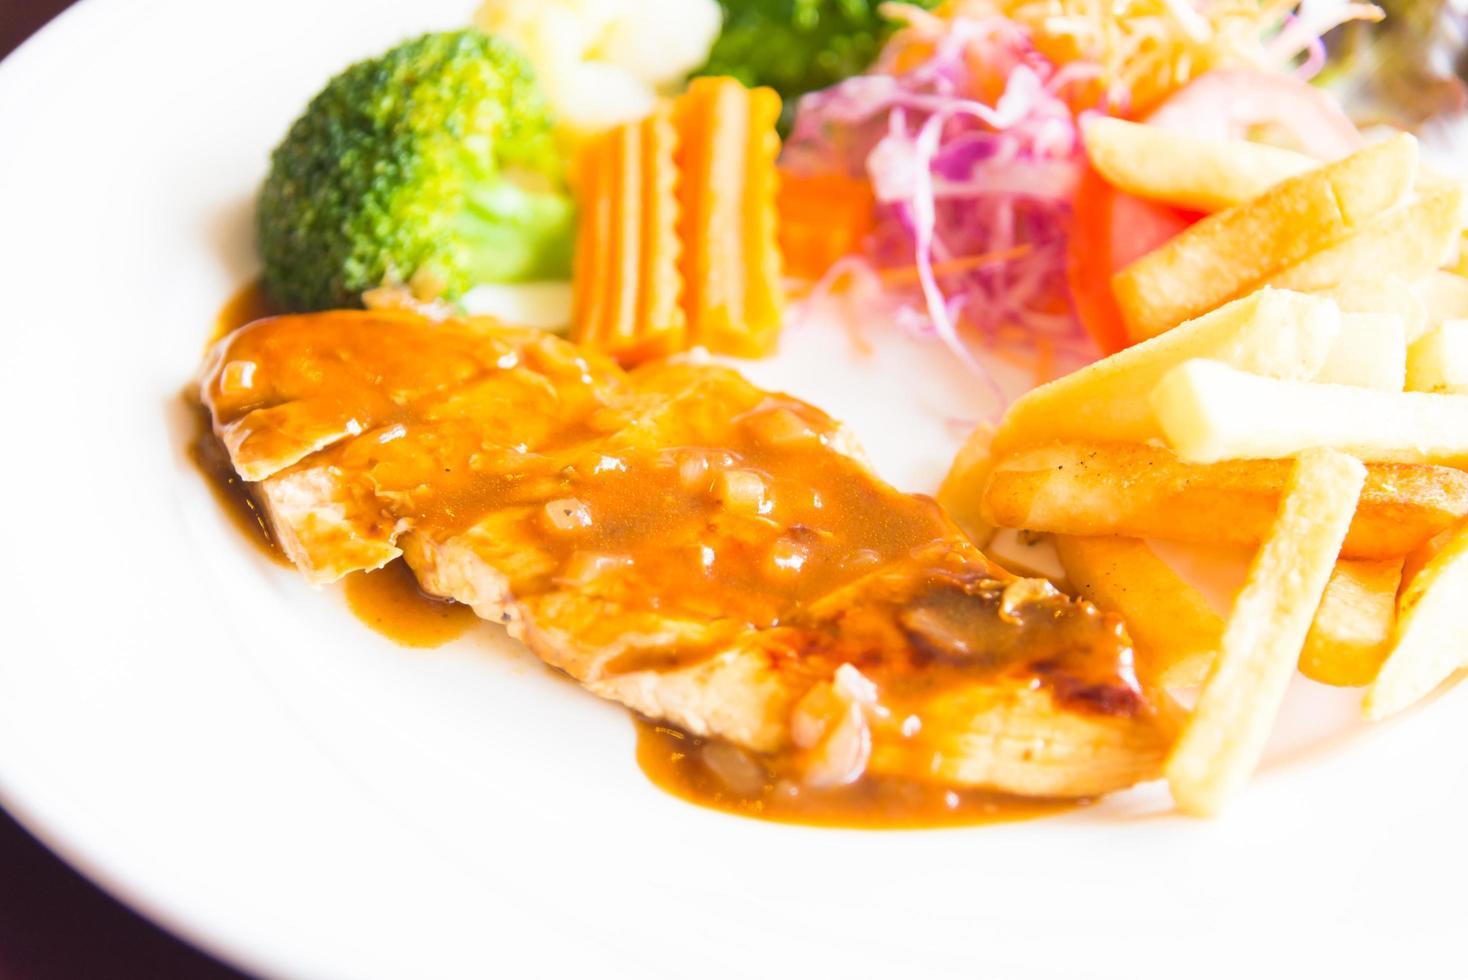 grillad kycklingbiff foto